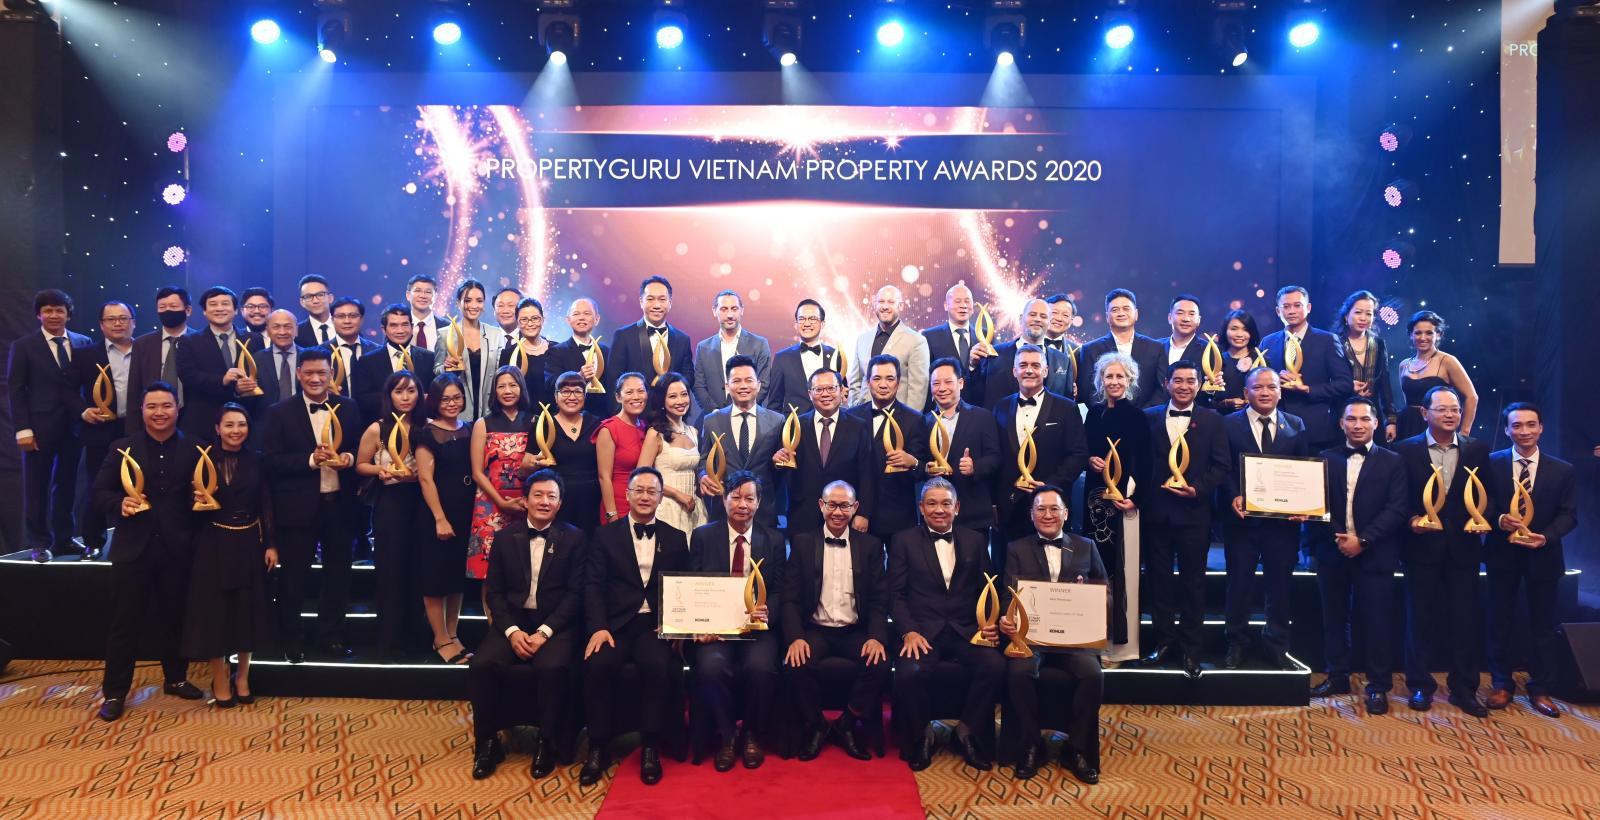 Sân khấu Giải thưởng Bất động sản Việt Nam PropertyGuru